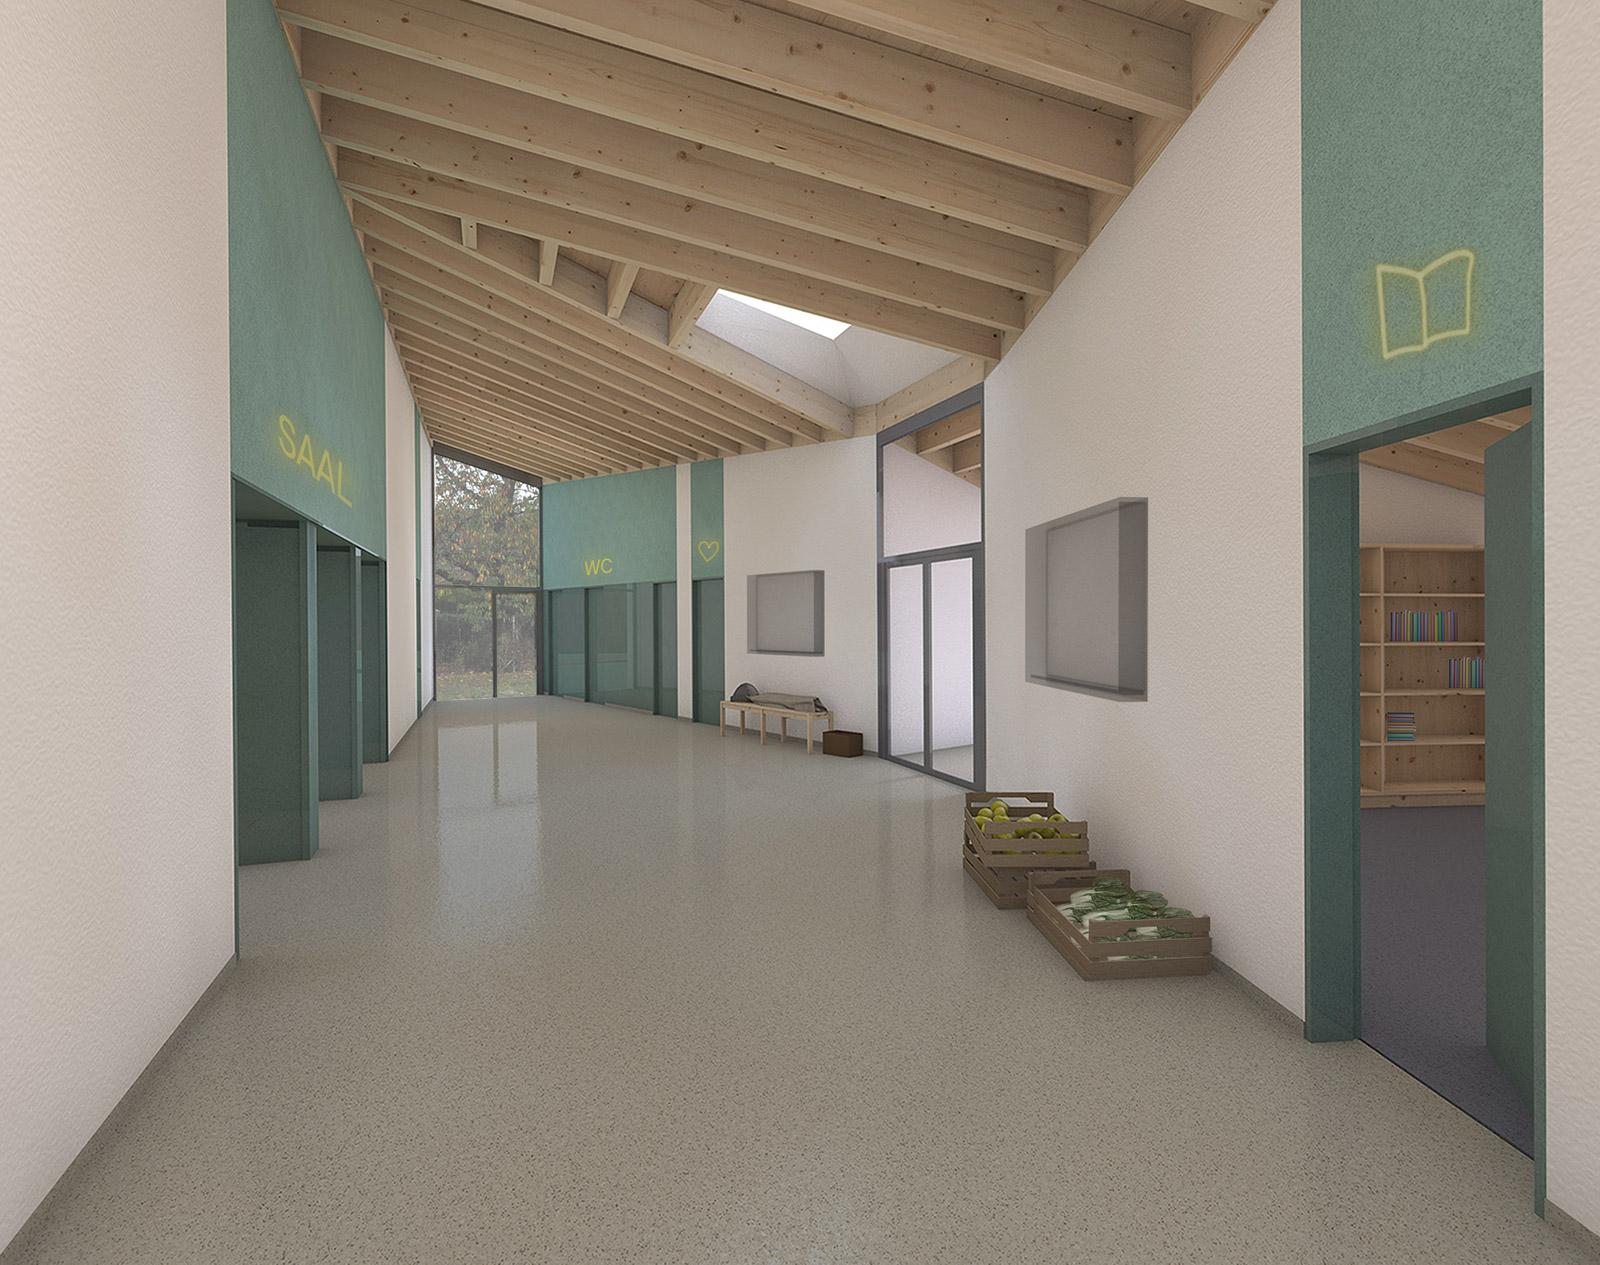 Atelier-Fanelsa-12-Rendering-1